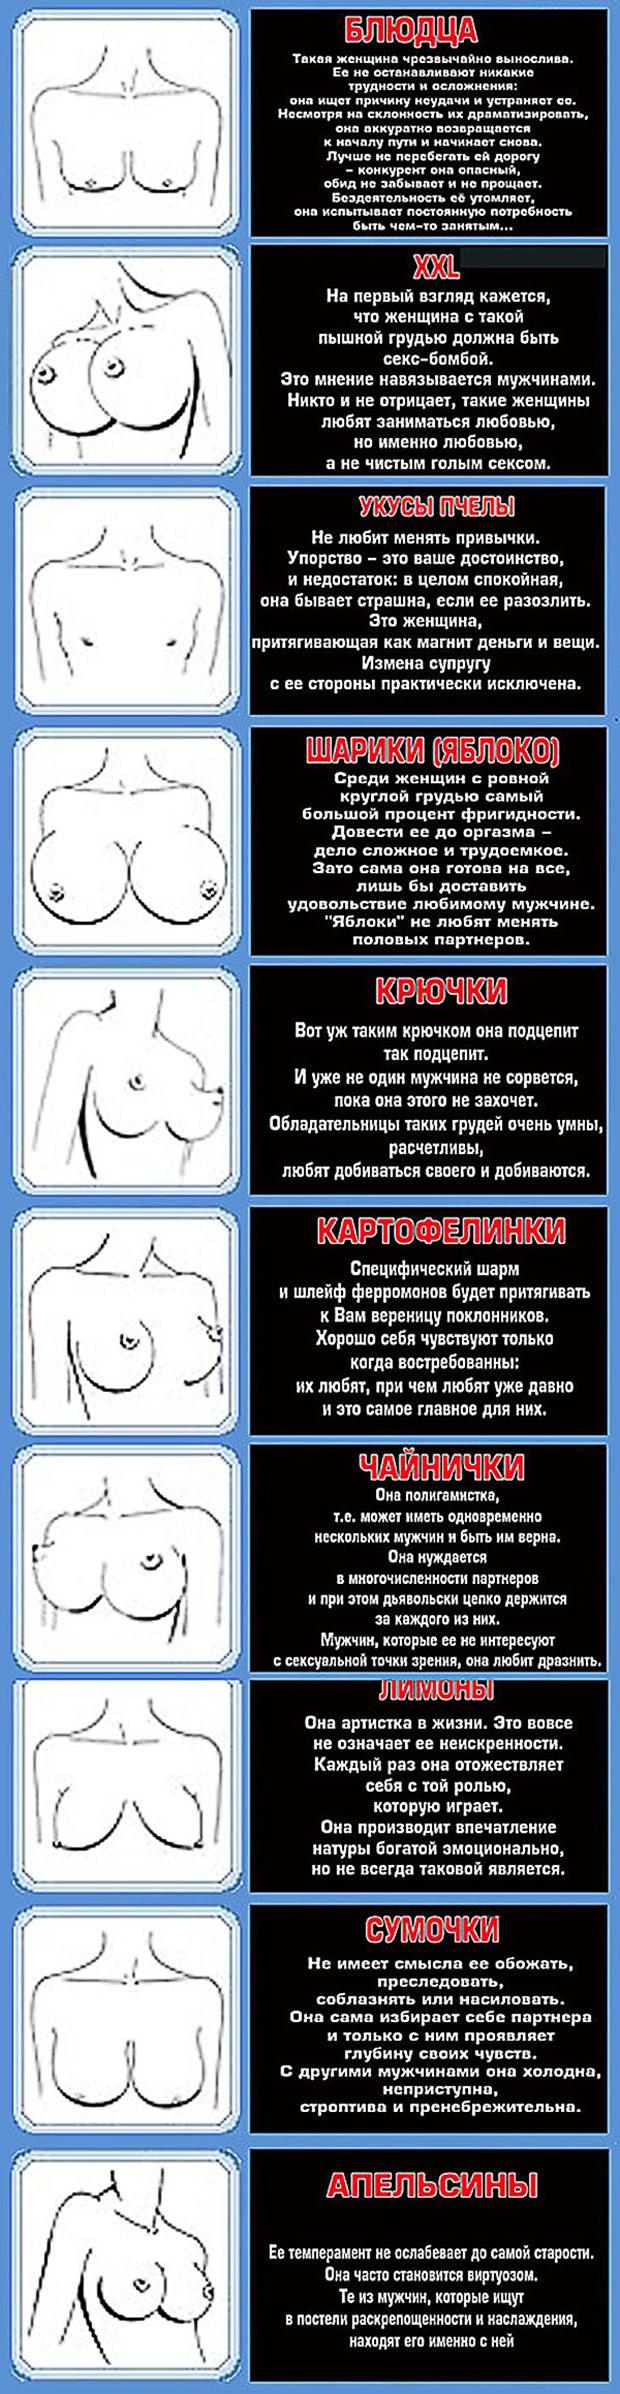 Типы женских грудей в фото 11 фотография